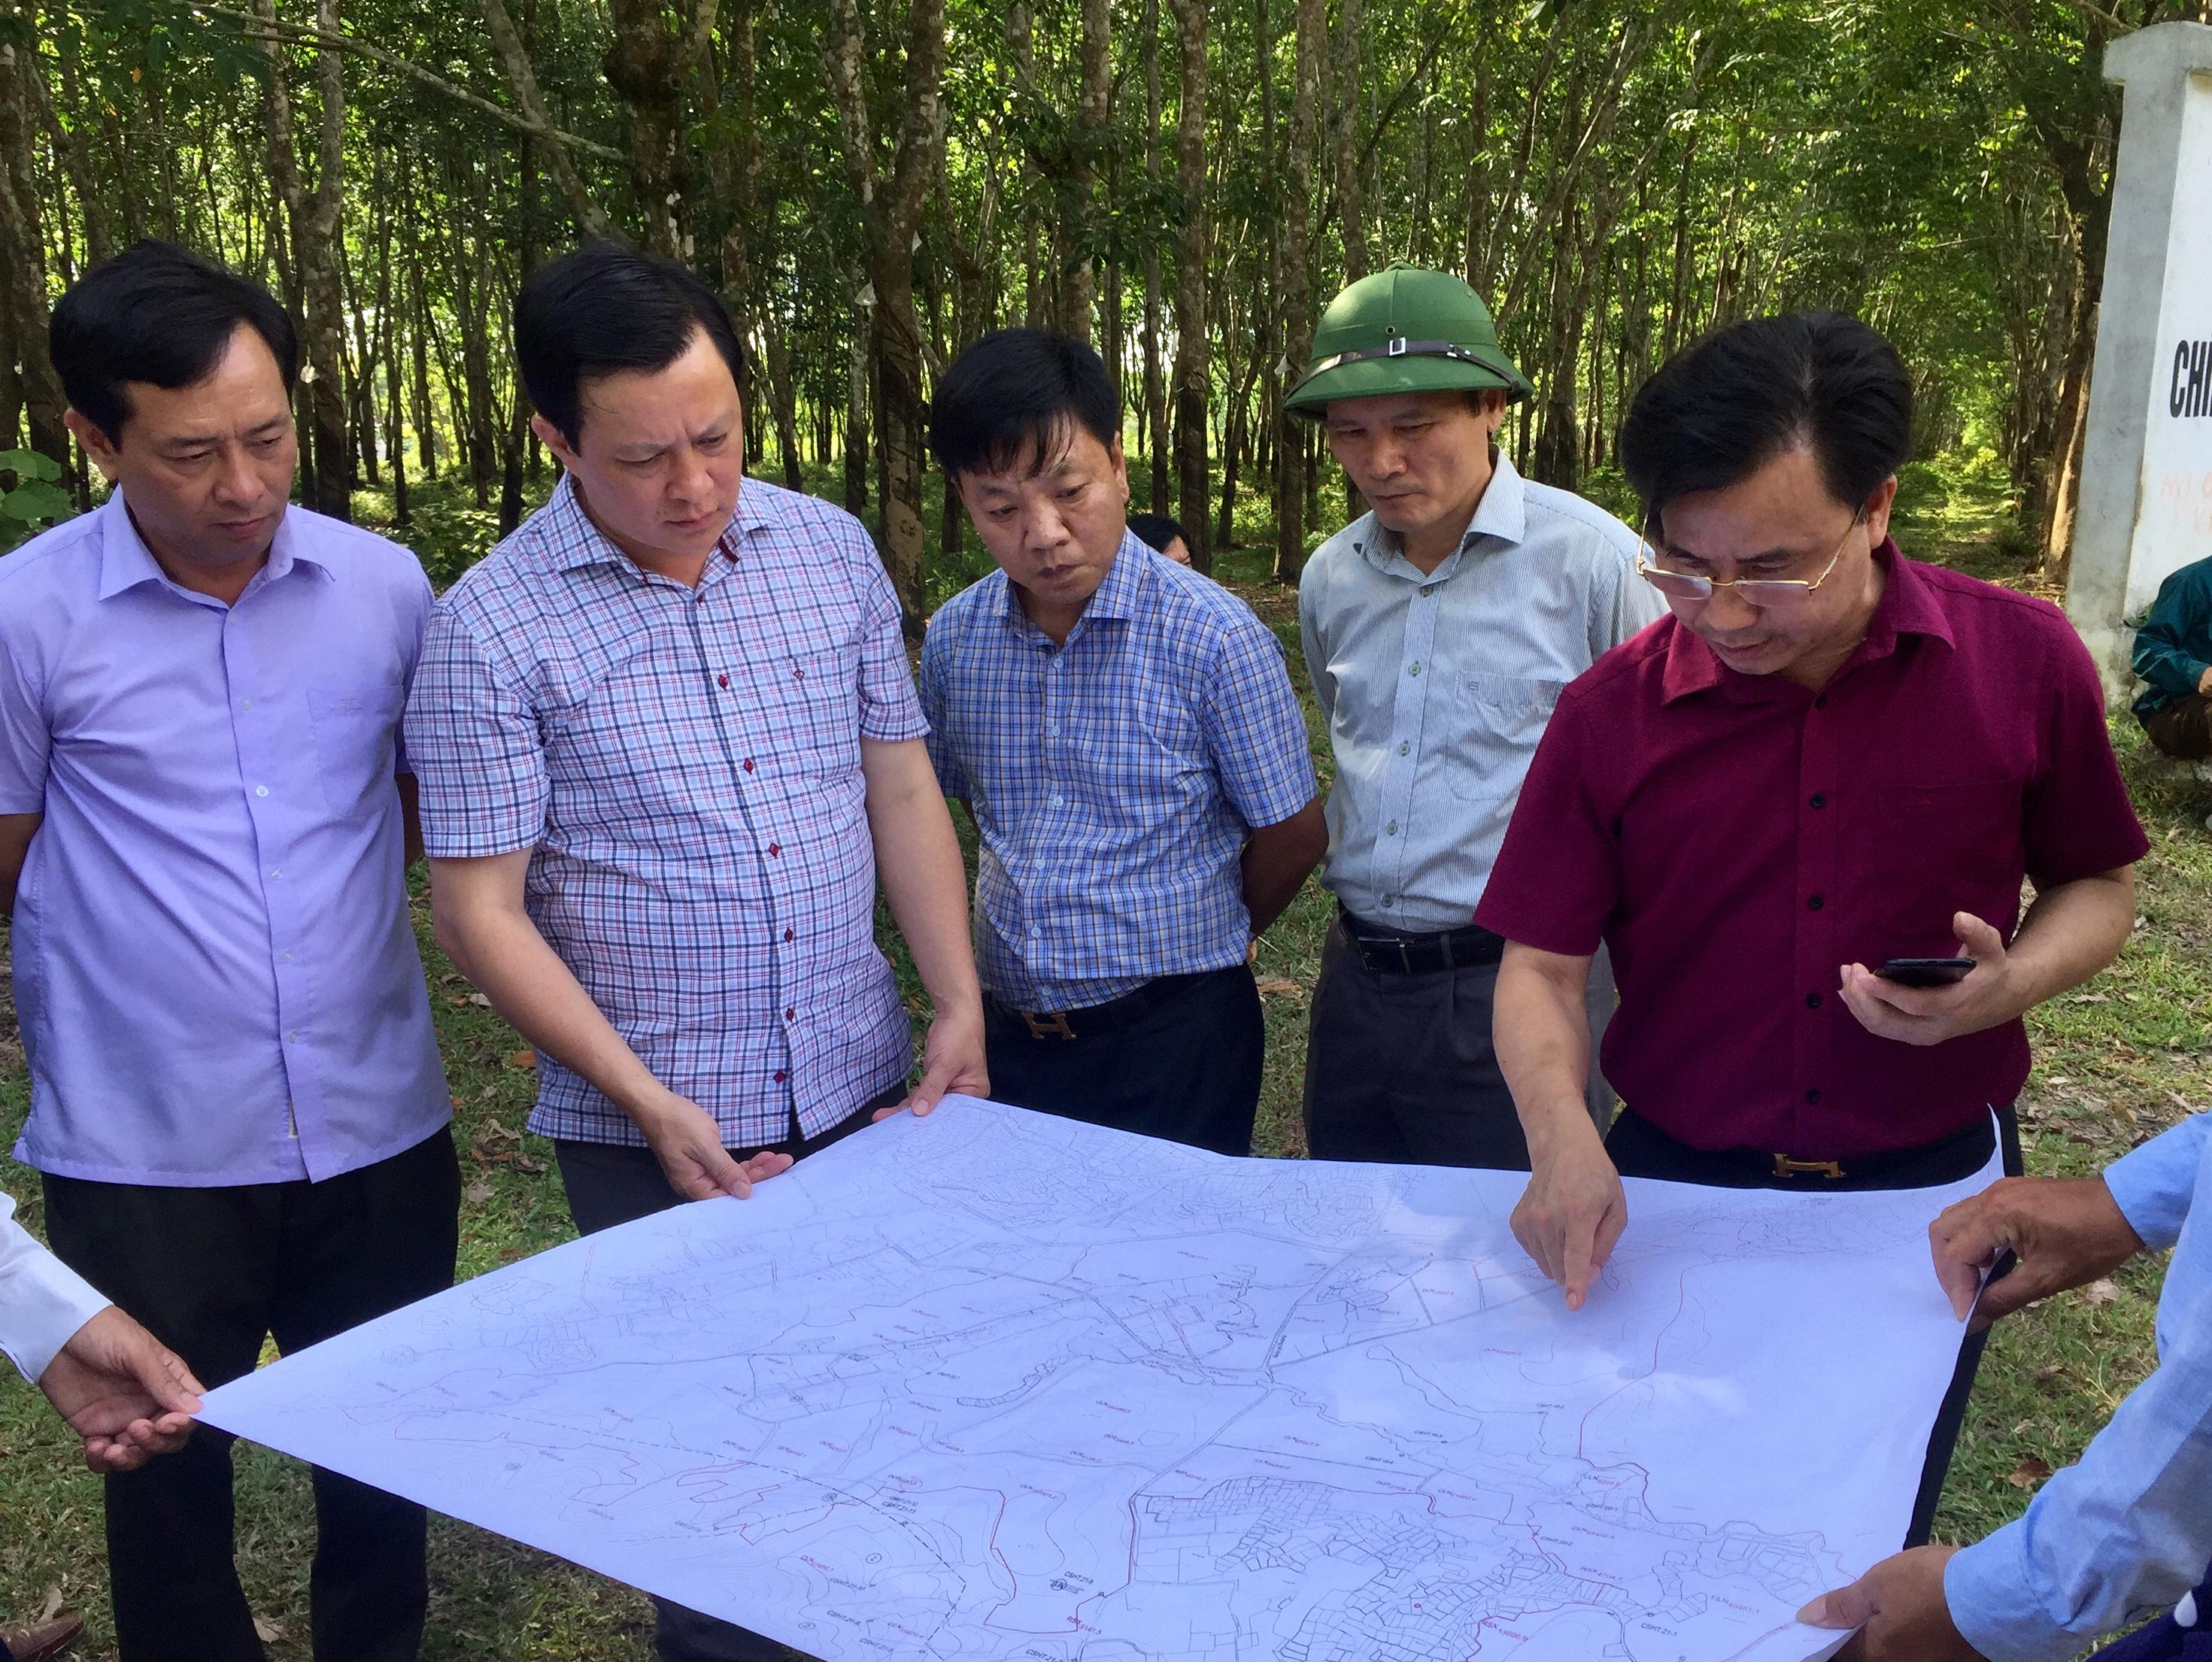 Lãnh đạo các sở, ngành liên quan và huyện Hương Khê kiểm tra thực địa địa điểm xây dựng trang trại bò sữa tại Hương Khê